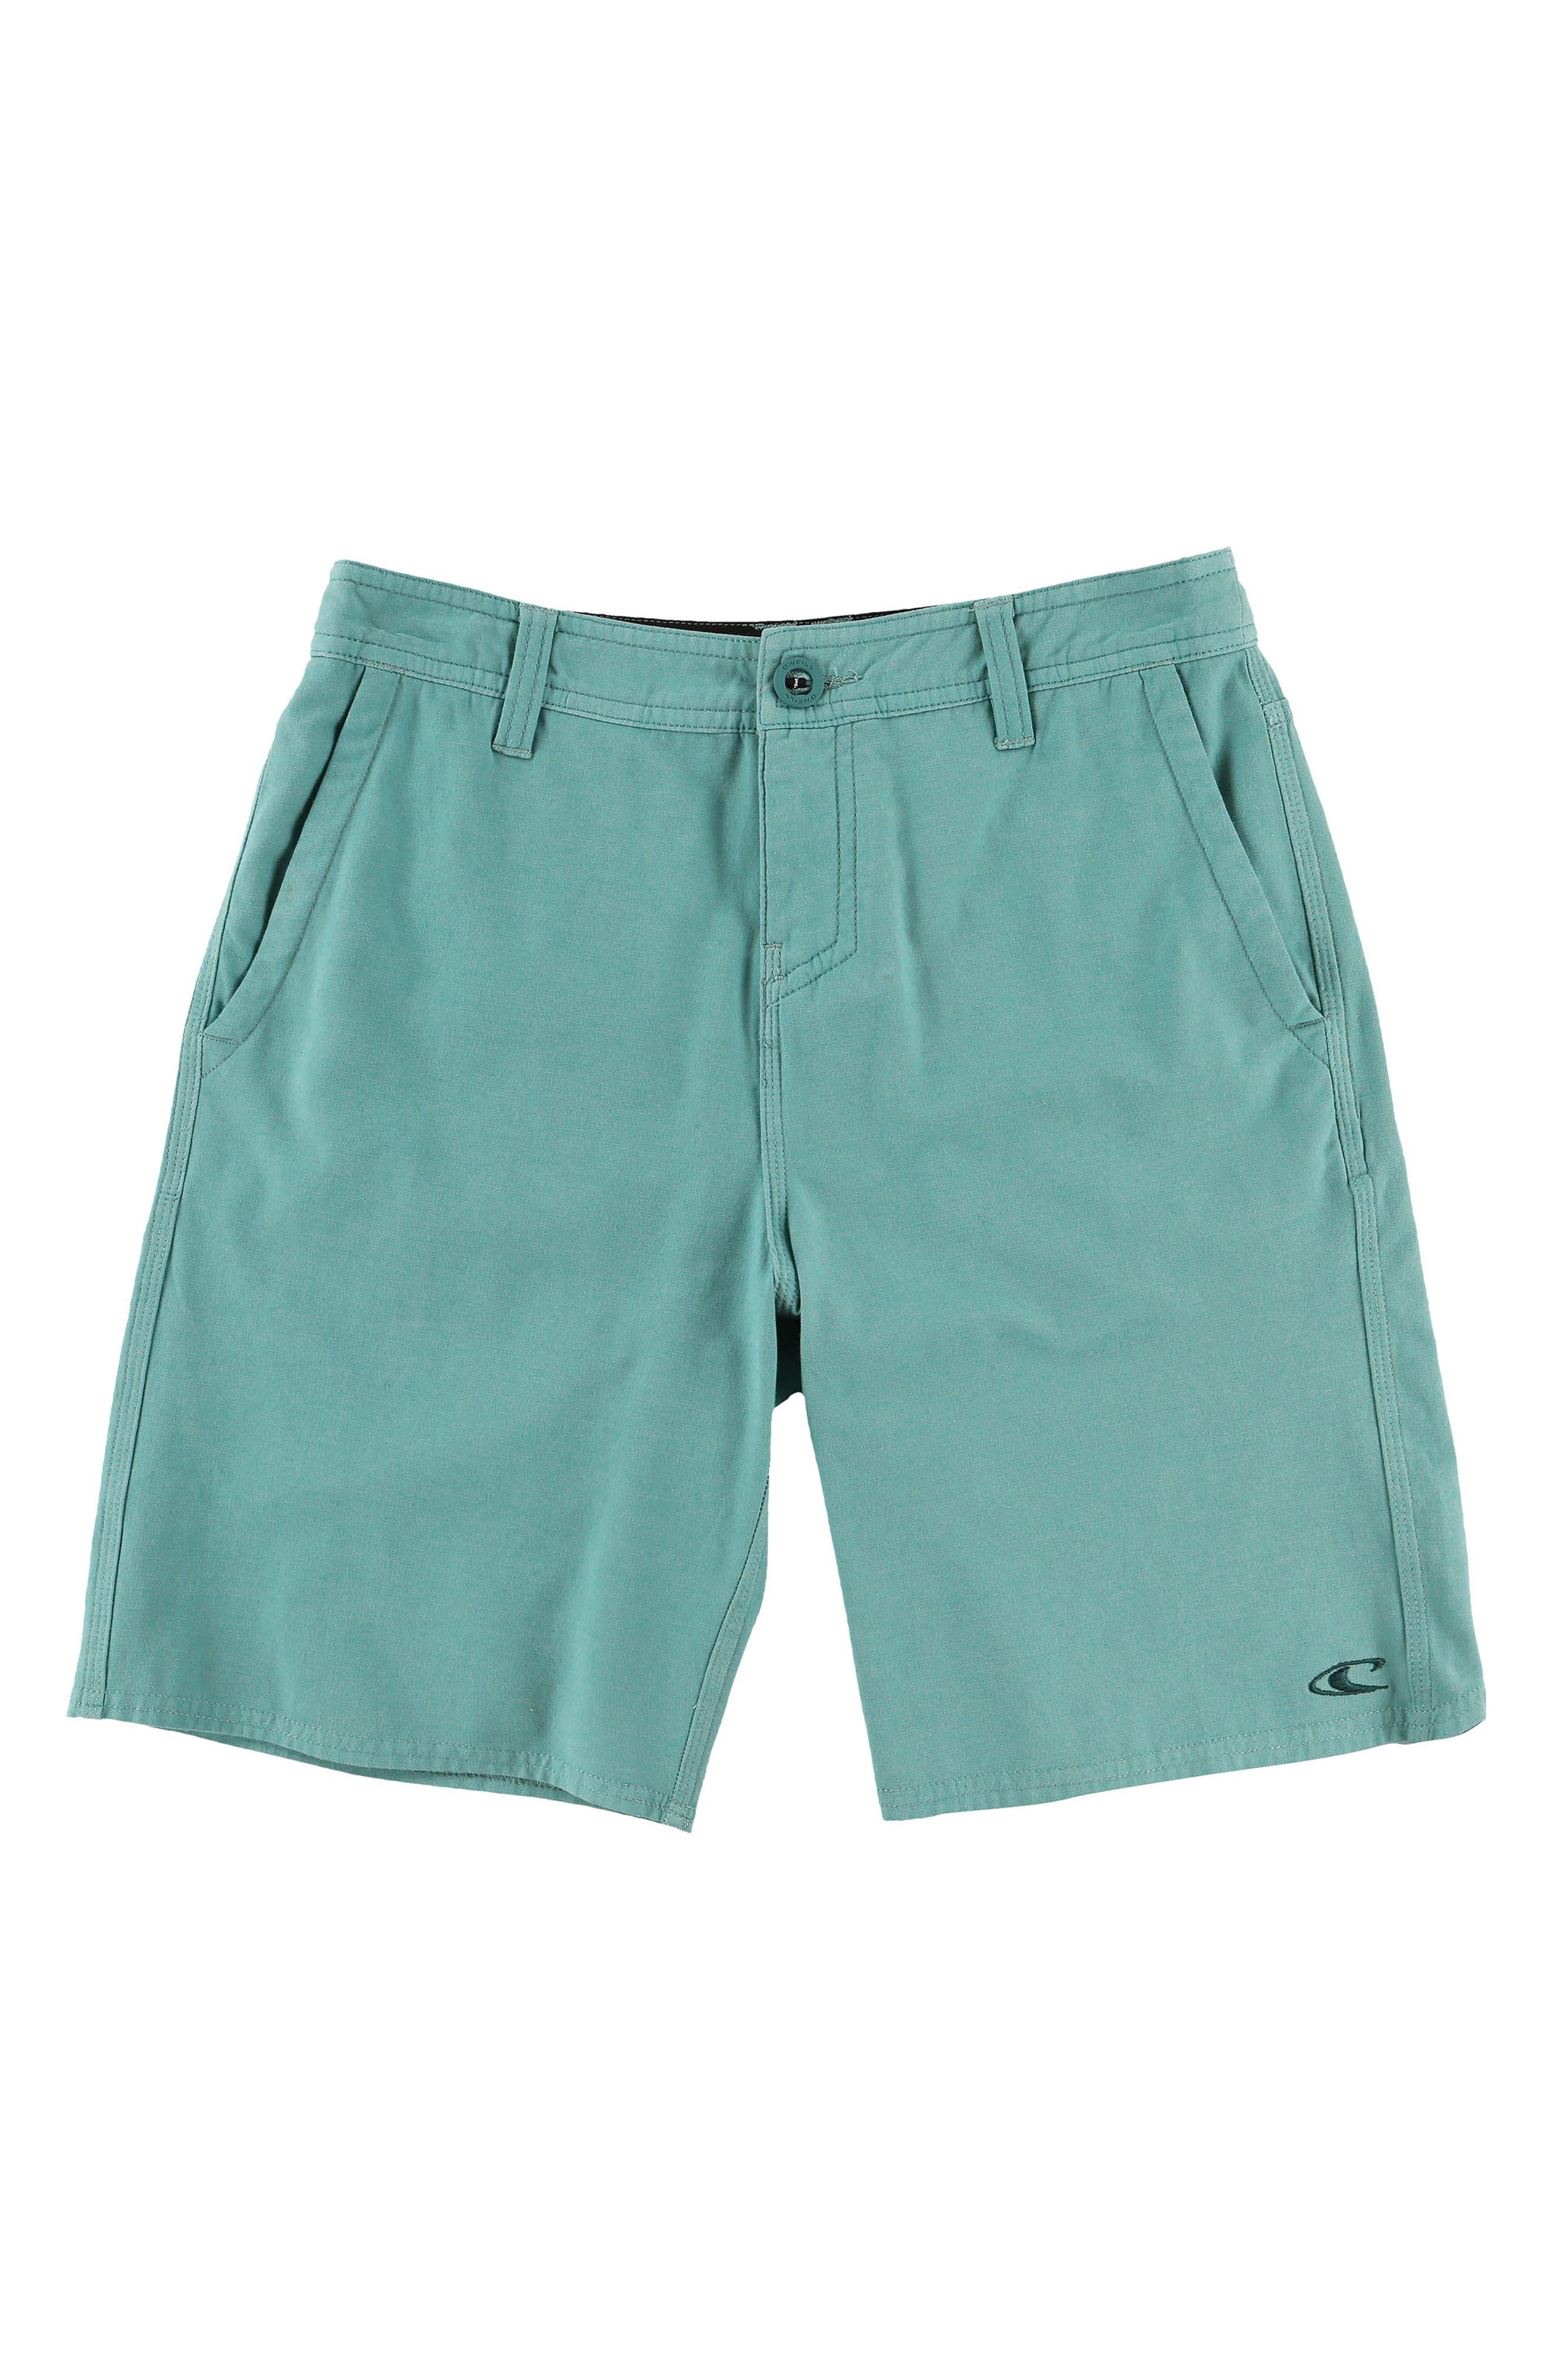 O'Neill Locked Overdye Hybrid Shorts (Big Boys)